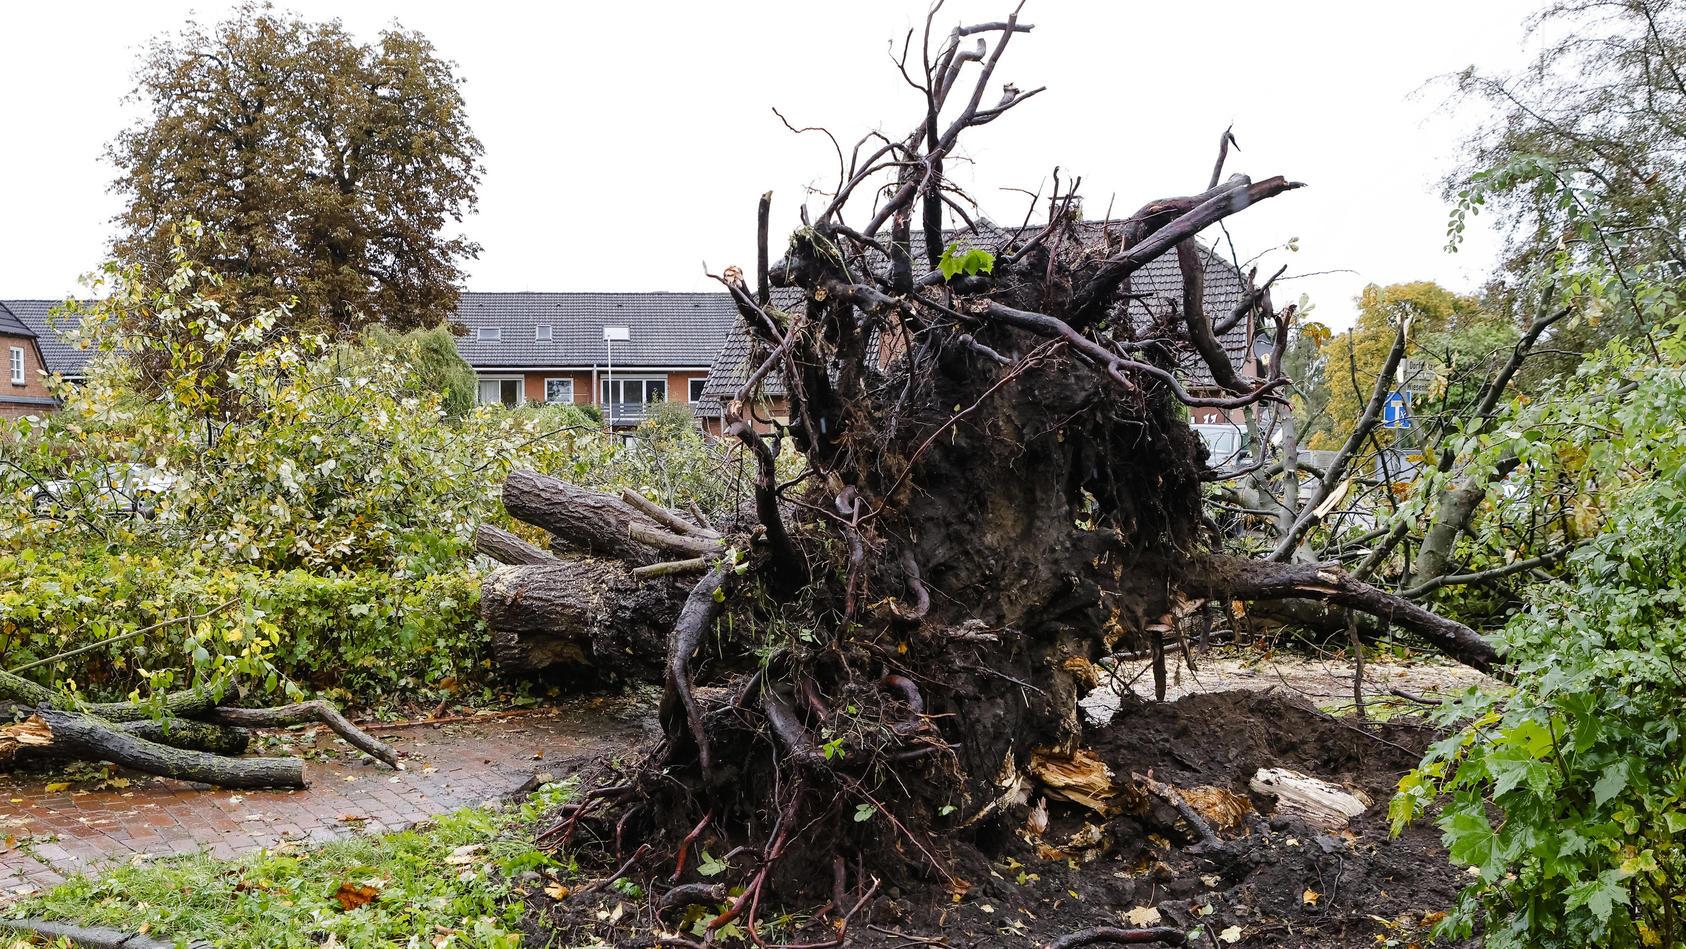 wirbelsturm-richtet-schaden-an-schon-wieder-ein-tornado-bei-kiel